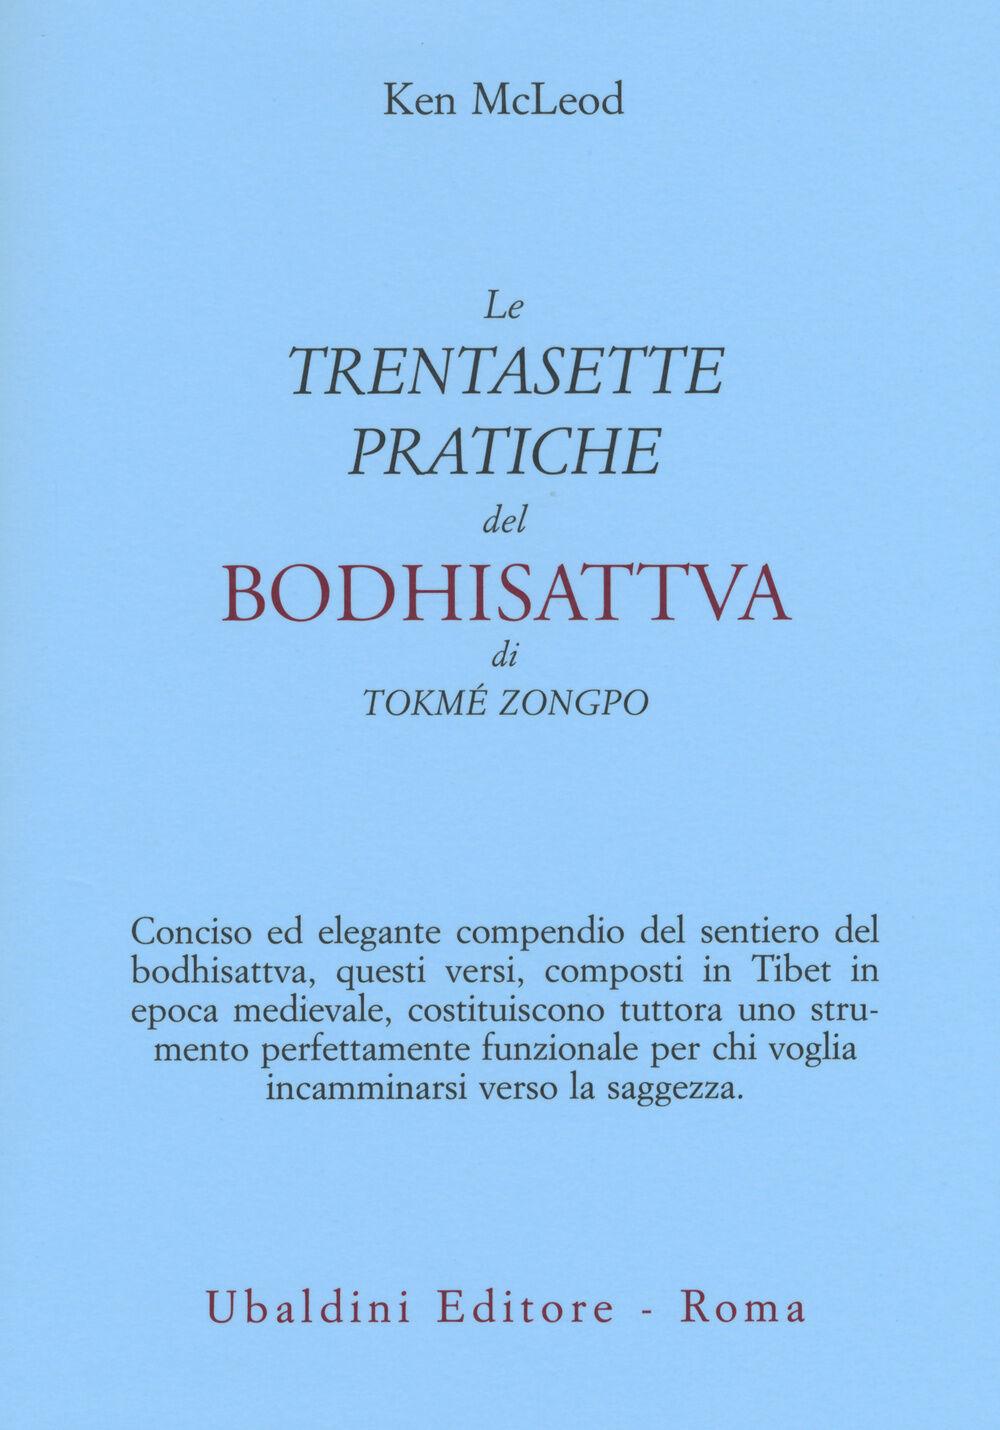 Le «Trentasette pratiche del Bodhisattva» di Tokmé Zongpo